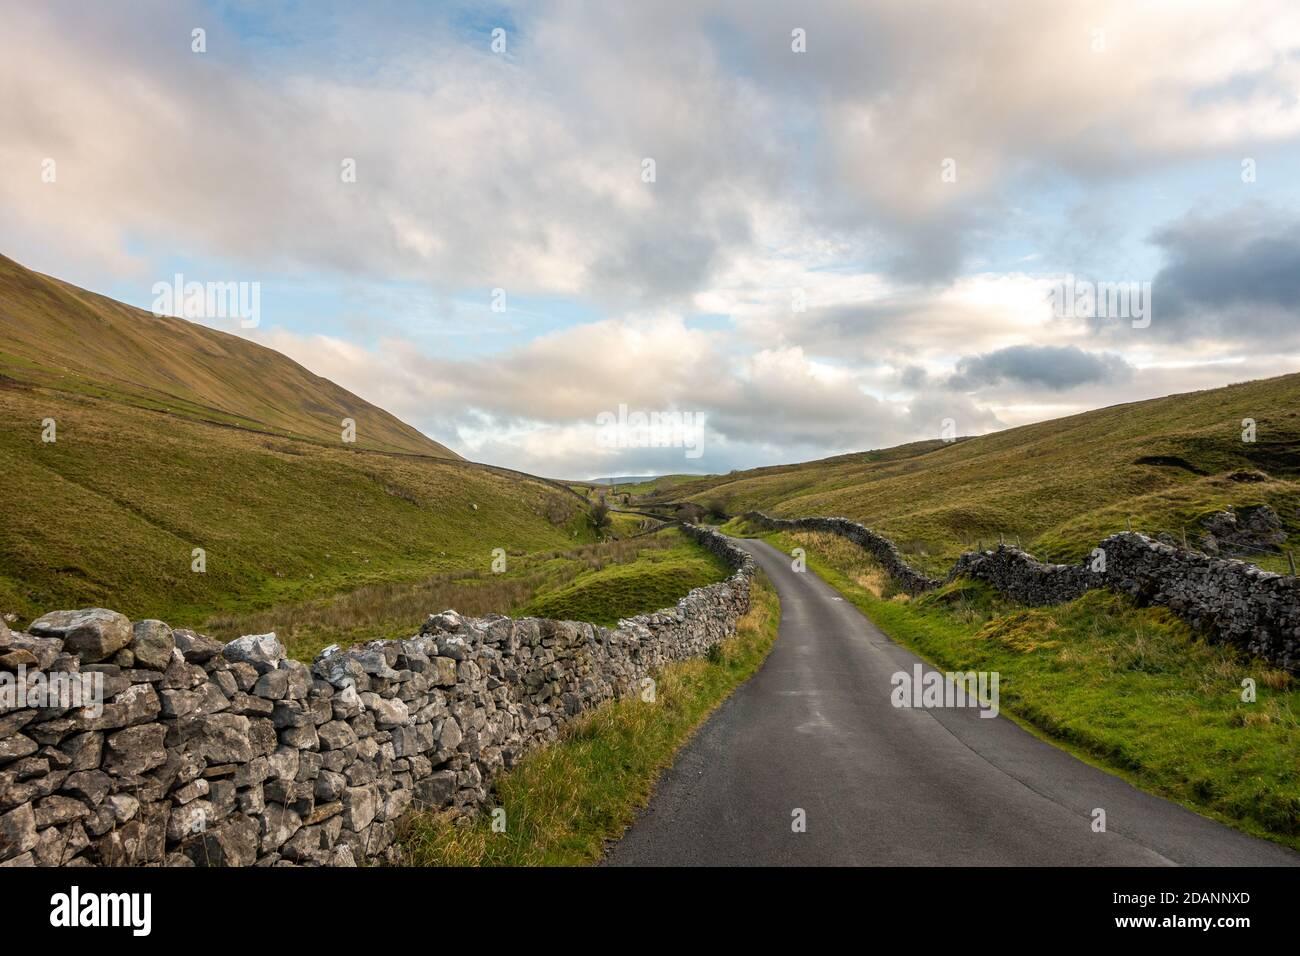 Paisaje del Reino Unido: Vista hacia el norte por el pintoresco carril de Barbondale Road, bordeada de paredes de piedra seca, Cumbria - Yorkshire Dales National Park Foto de stock